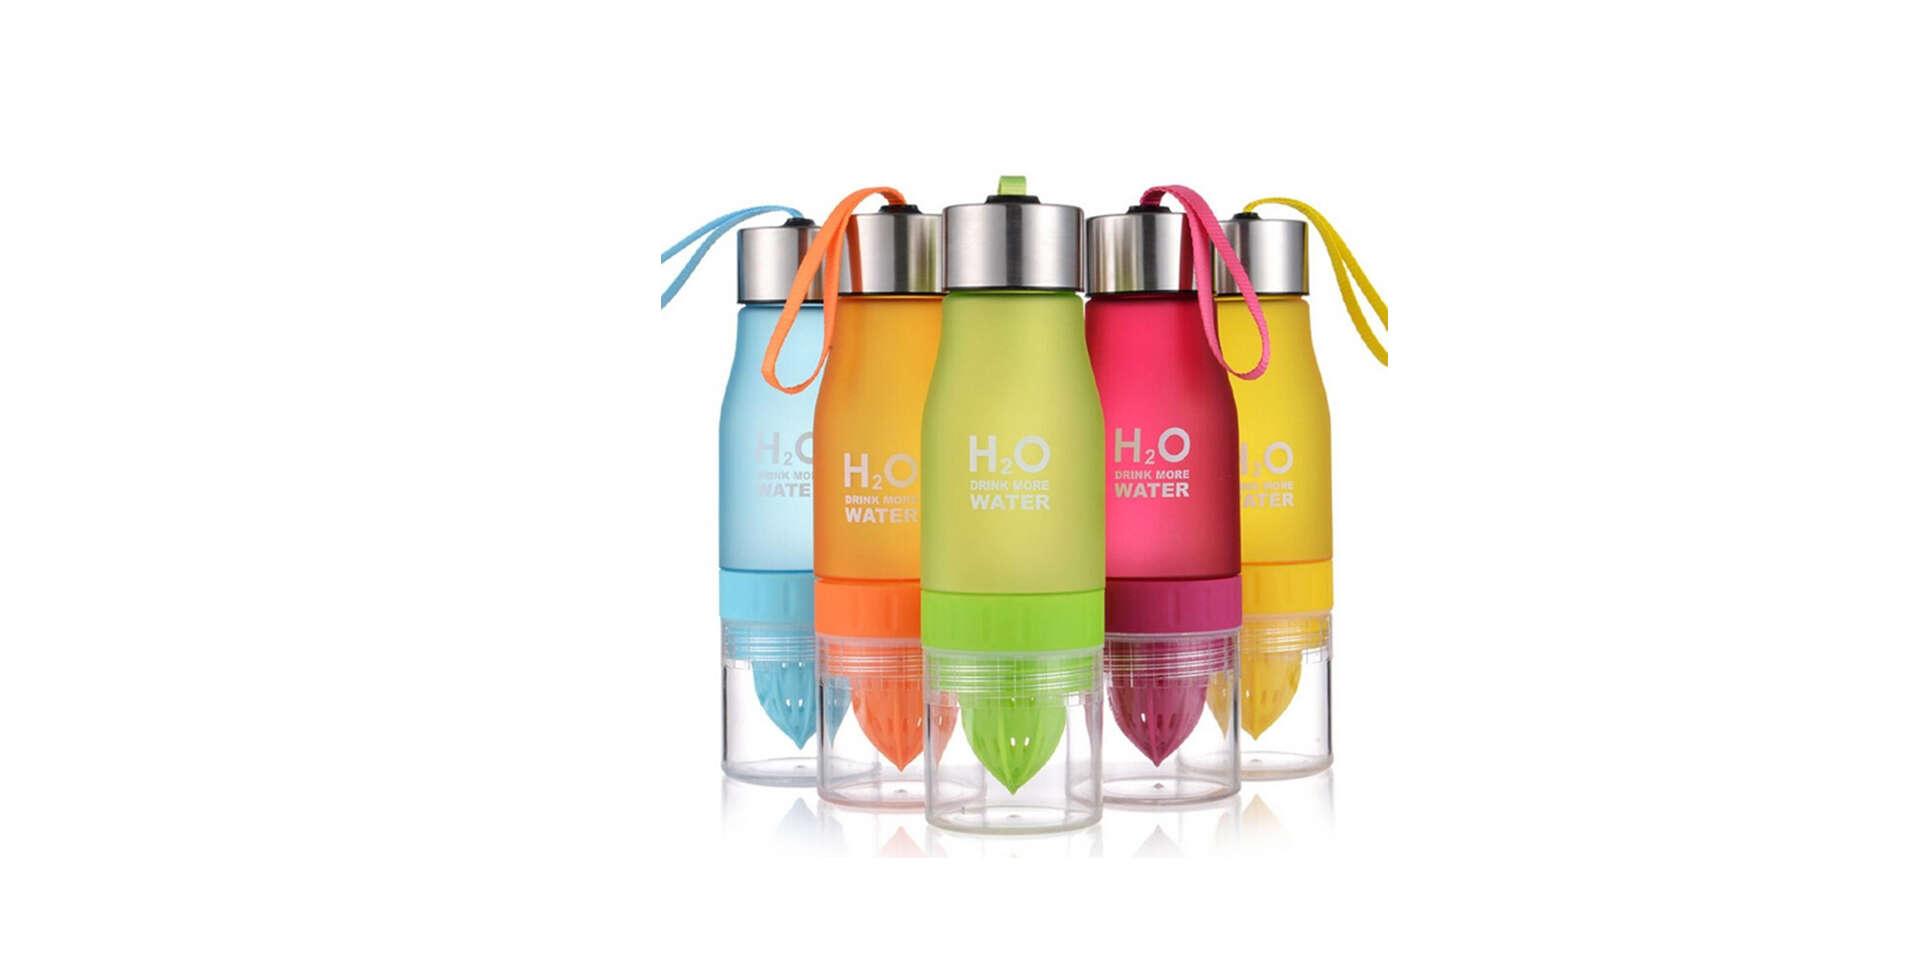 H20 fľaša s odšťavovačom na citrusy alebo termotaška na nápoje...